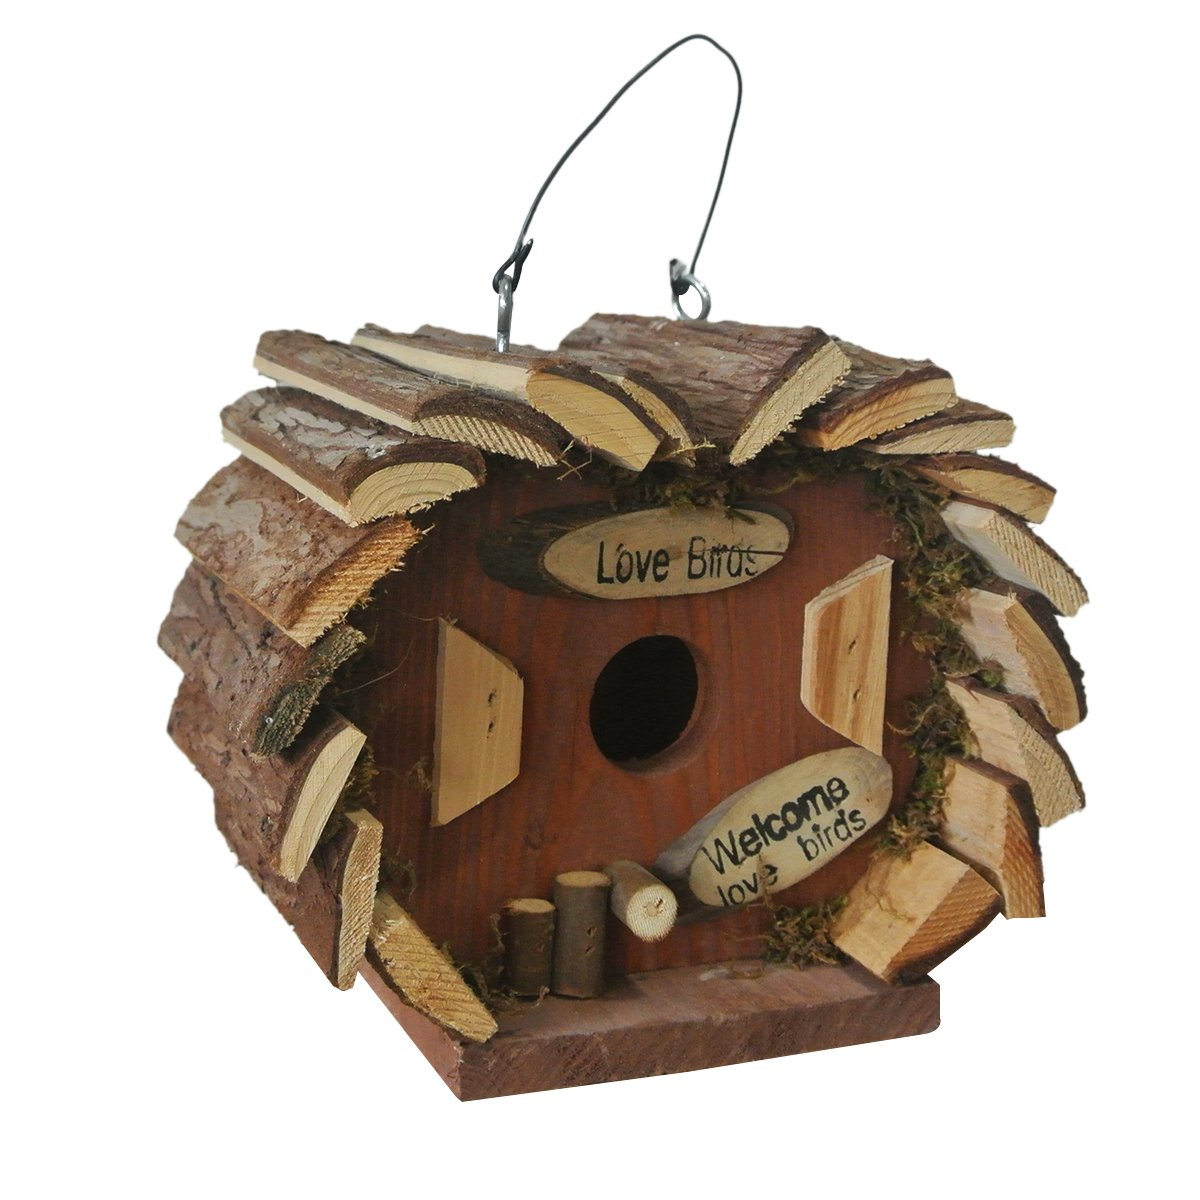 Bird Hotel House Hanging Wooden Nesting Box Estaci/ón Bird Small Home Feeder